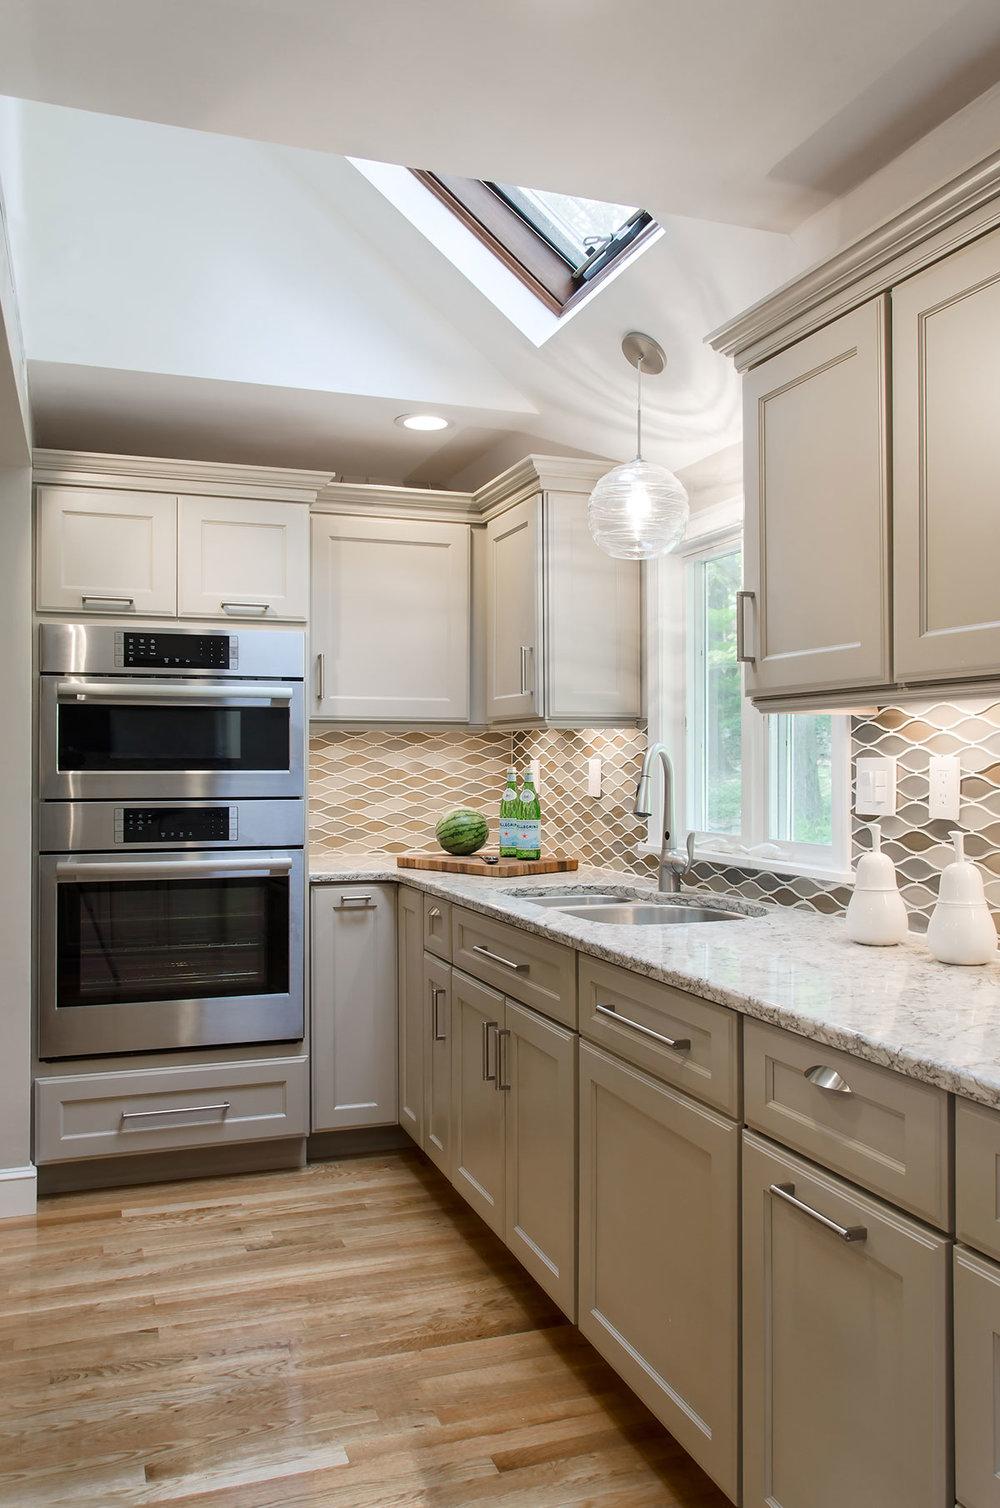 Braintree, Ma kitchen interior design